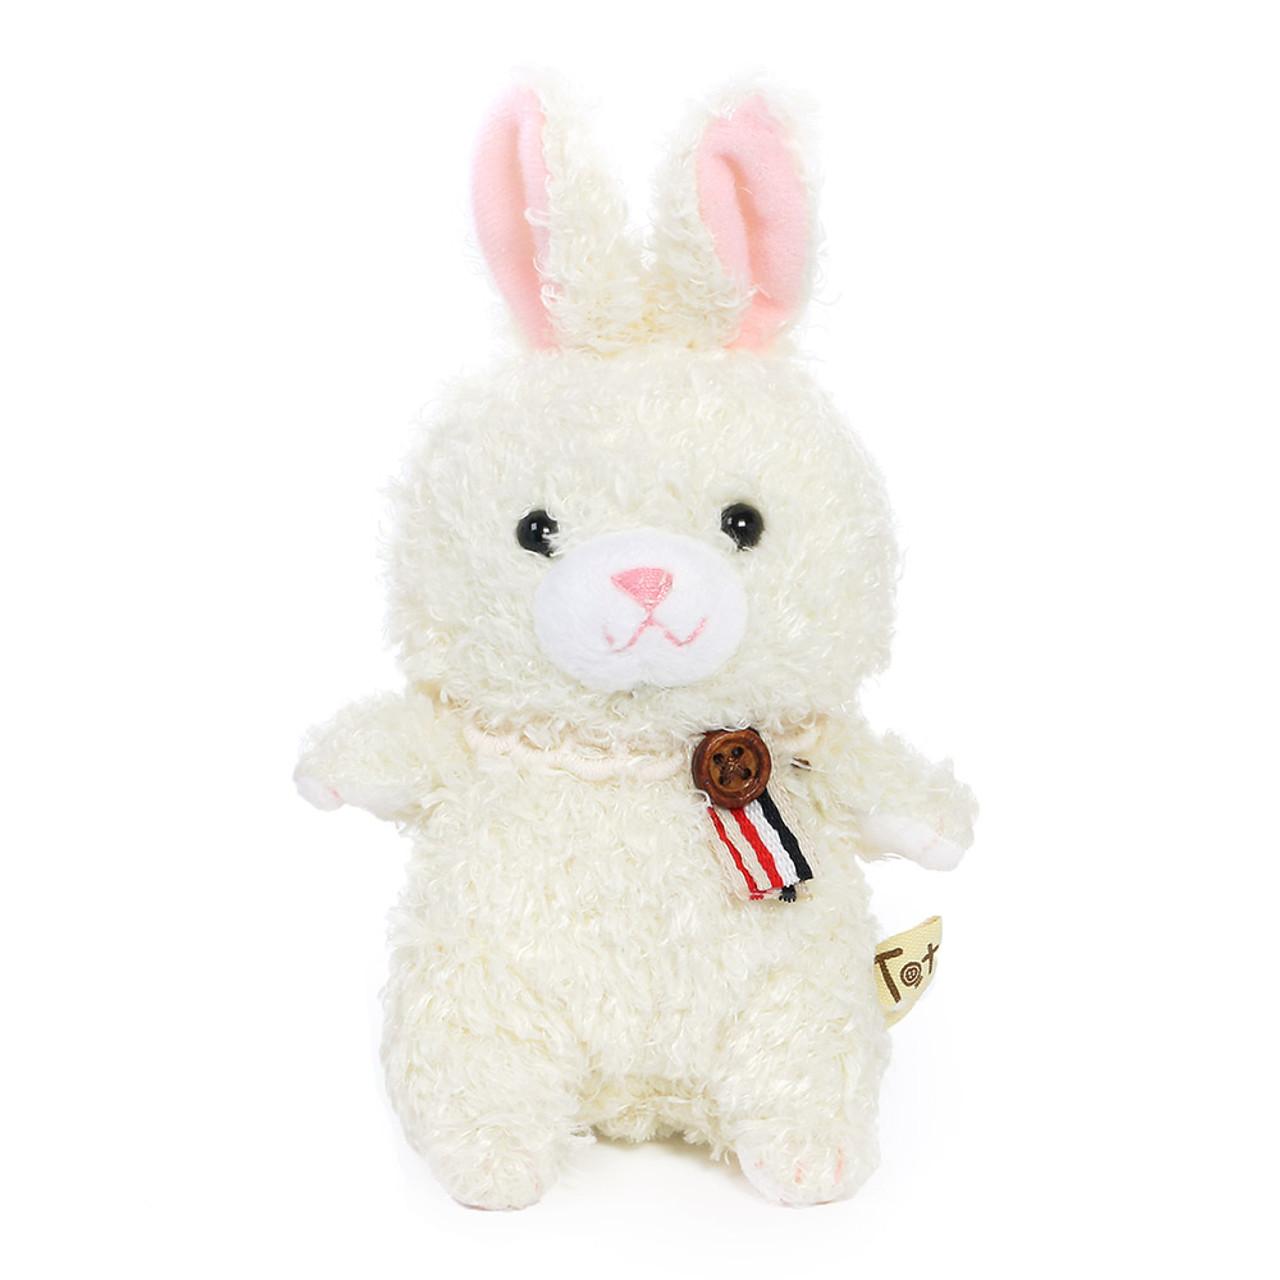 Naito Design Tot Series Rabbit Doll Charms - Lamu ( Front View )